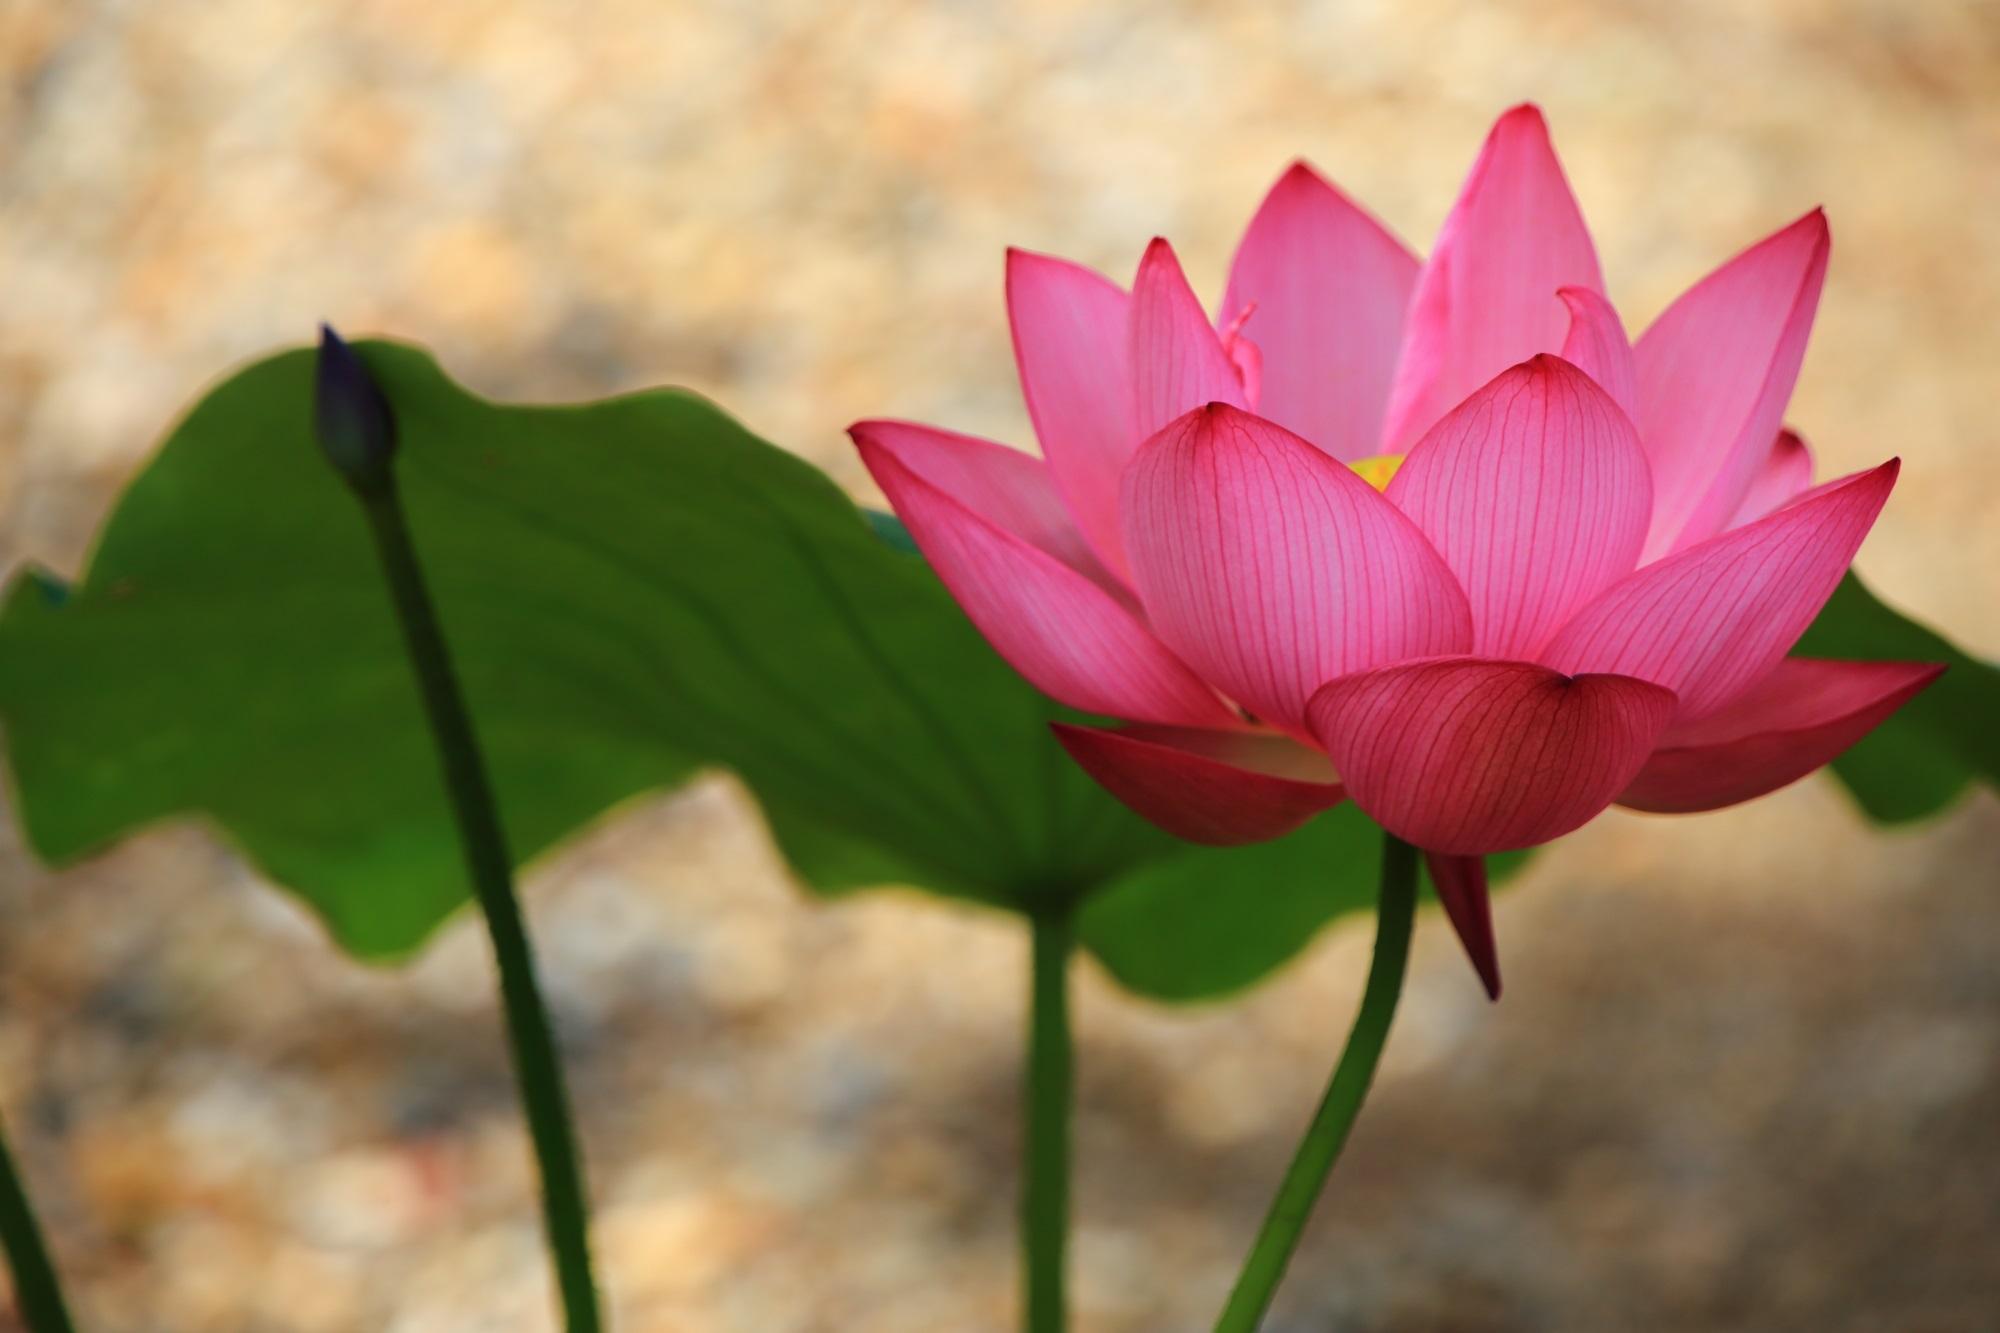 萬福寺の天王殿前の見ごろの蓮(はす)